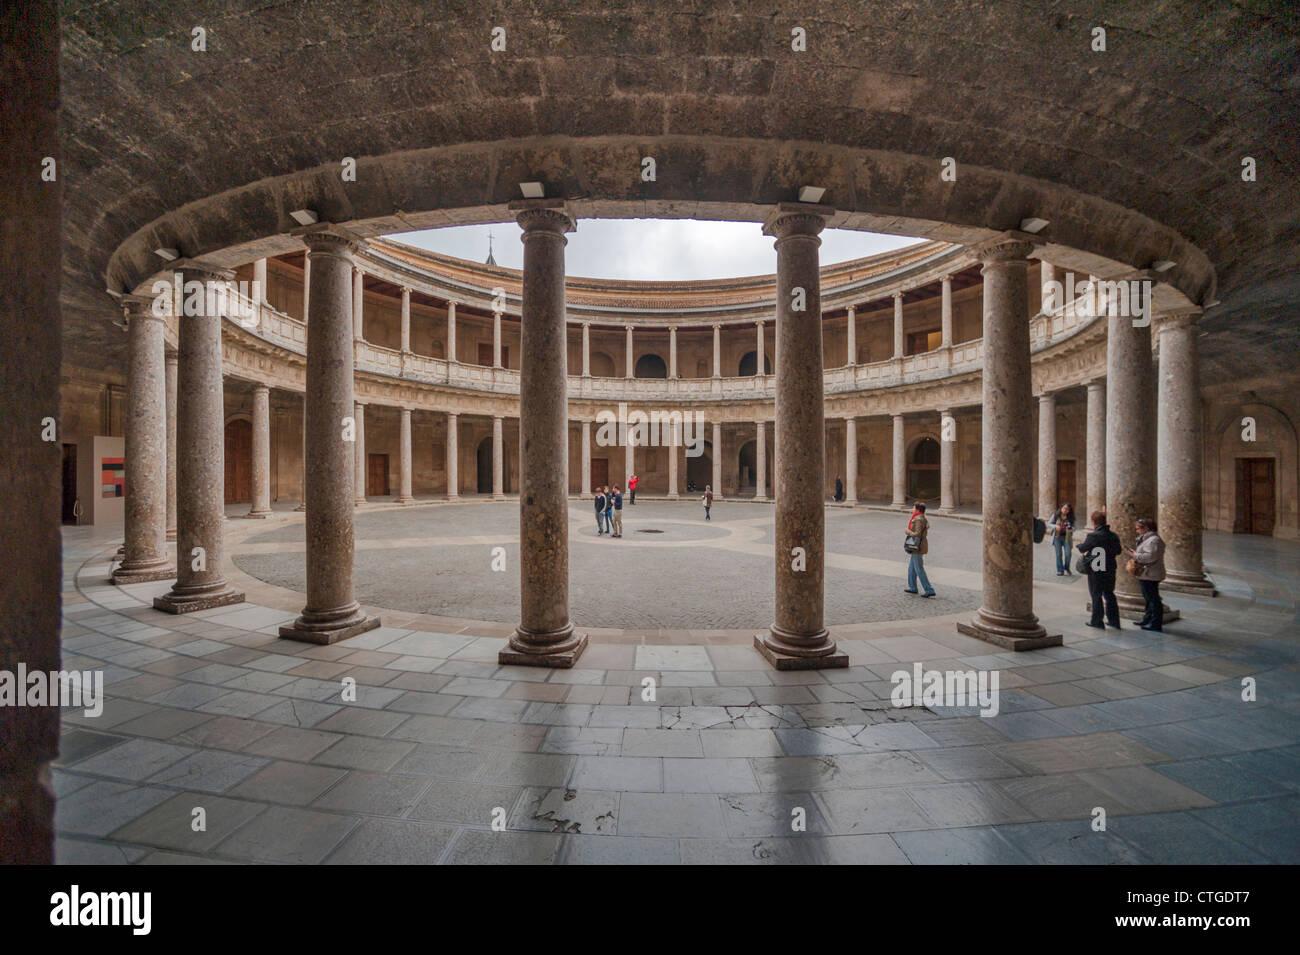 Palace of Charles V, Palacio de Carlos V, Alhambra Granada, Spain Stock Photo